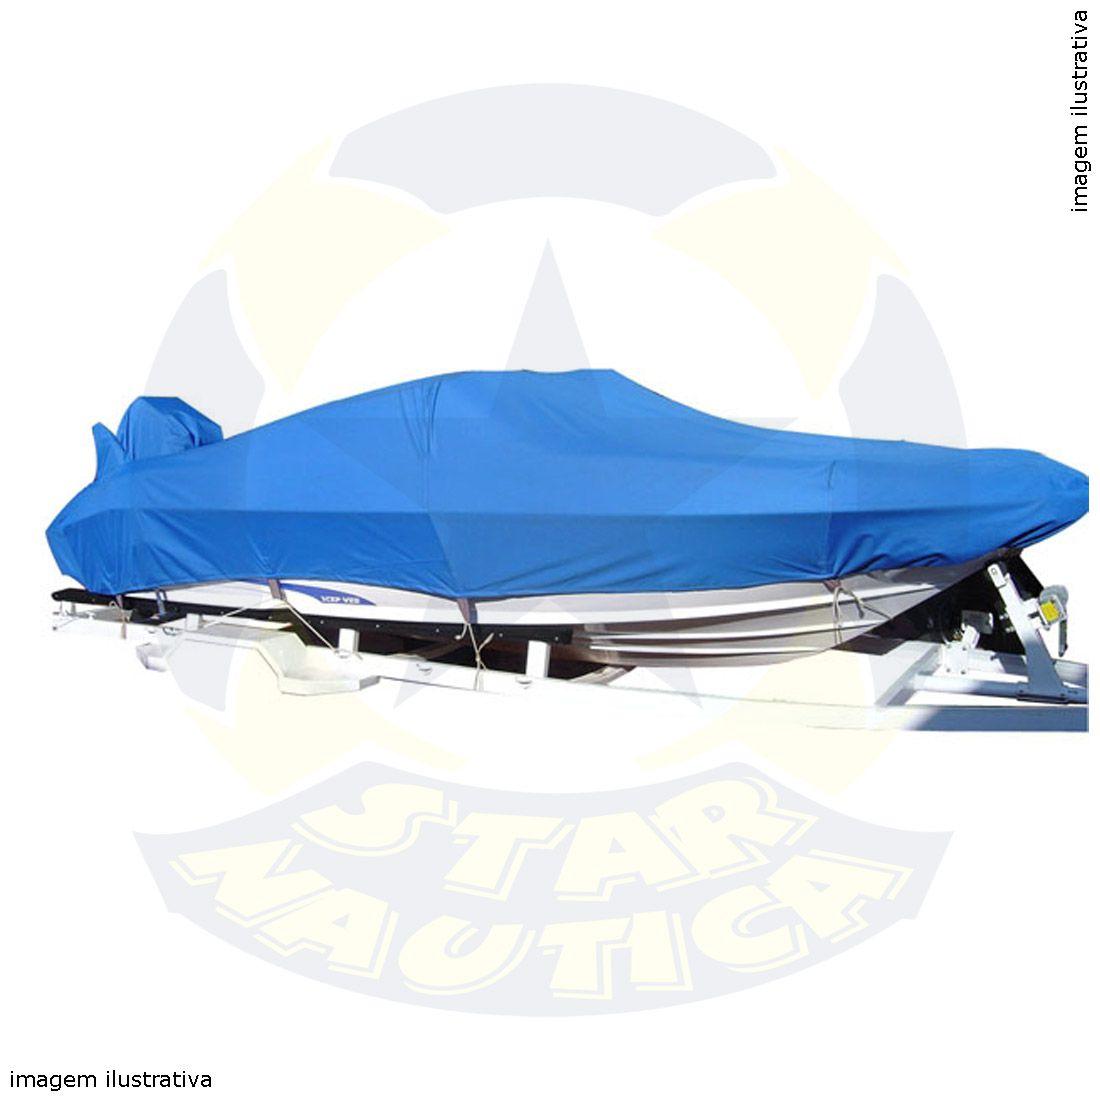 Capa Lona de Cobertura Lancha de Fibra 18 Pés Lona Poliéster